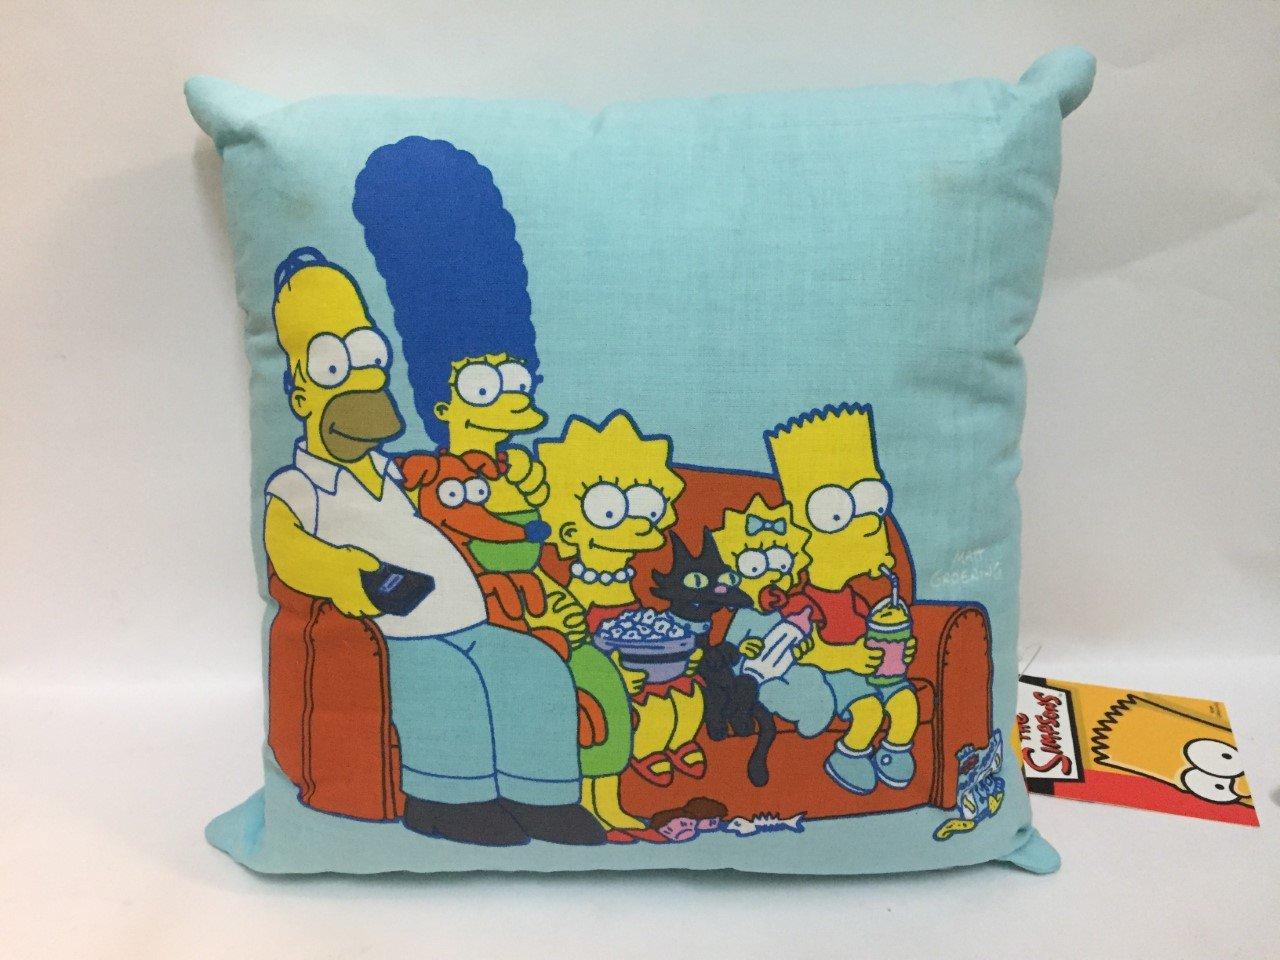 Arredamento e forniture scuola prima infanzia Mis.25X25 Pentole e padelle UNITEDLABELS Cuscino The Simpsons 100% Official